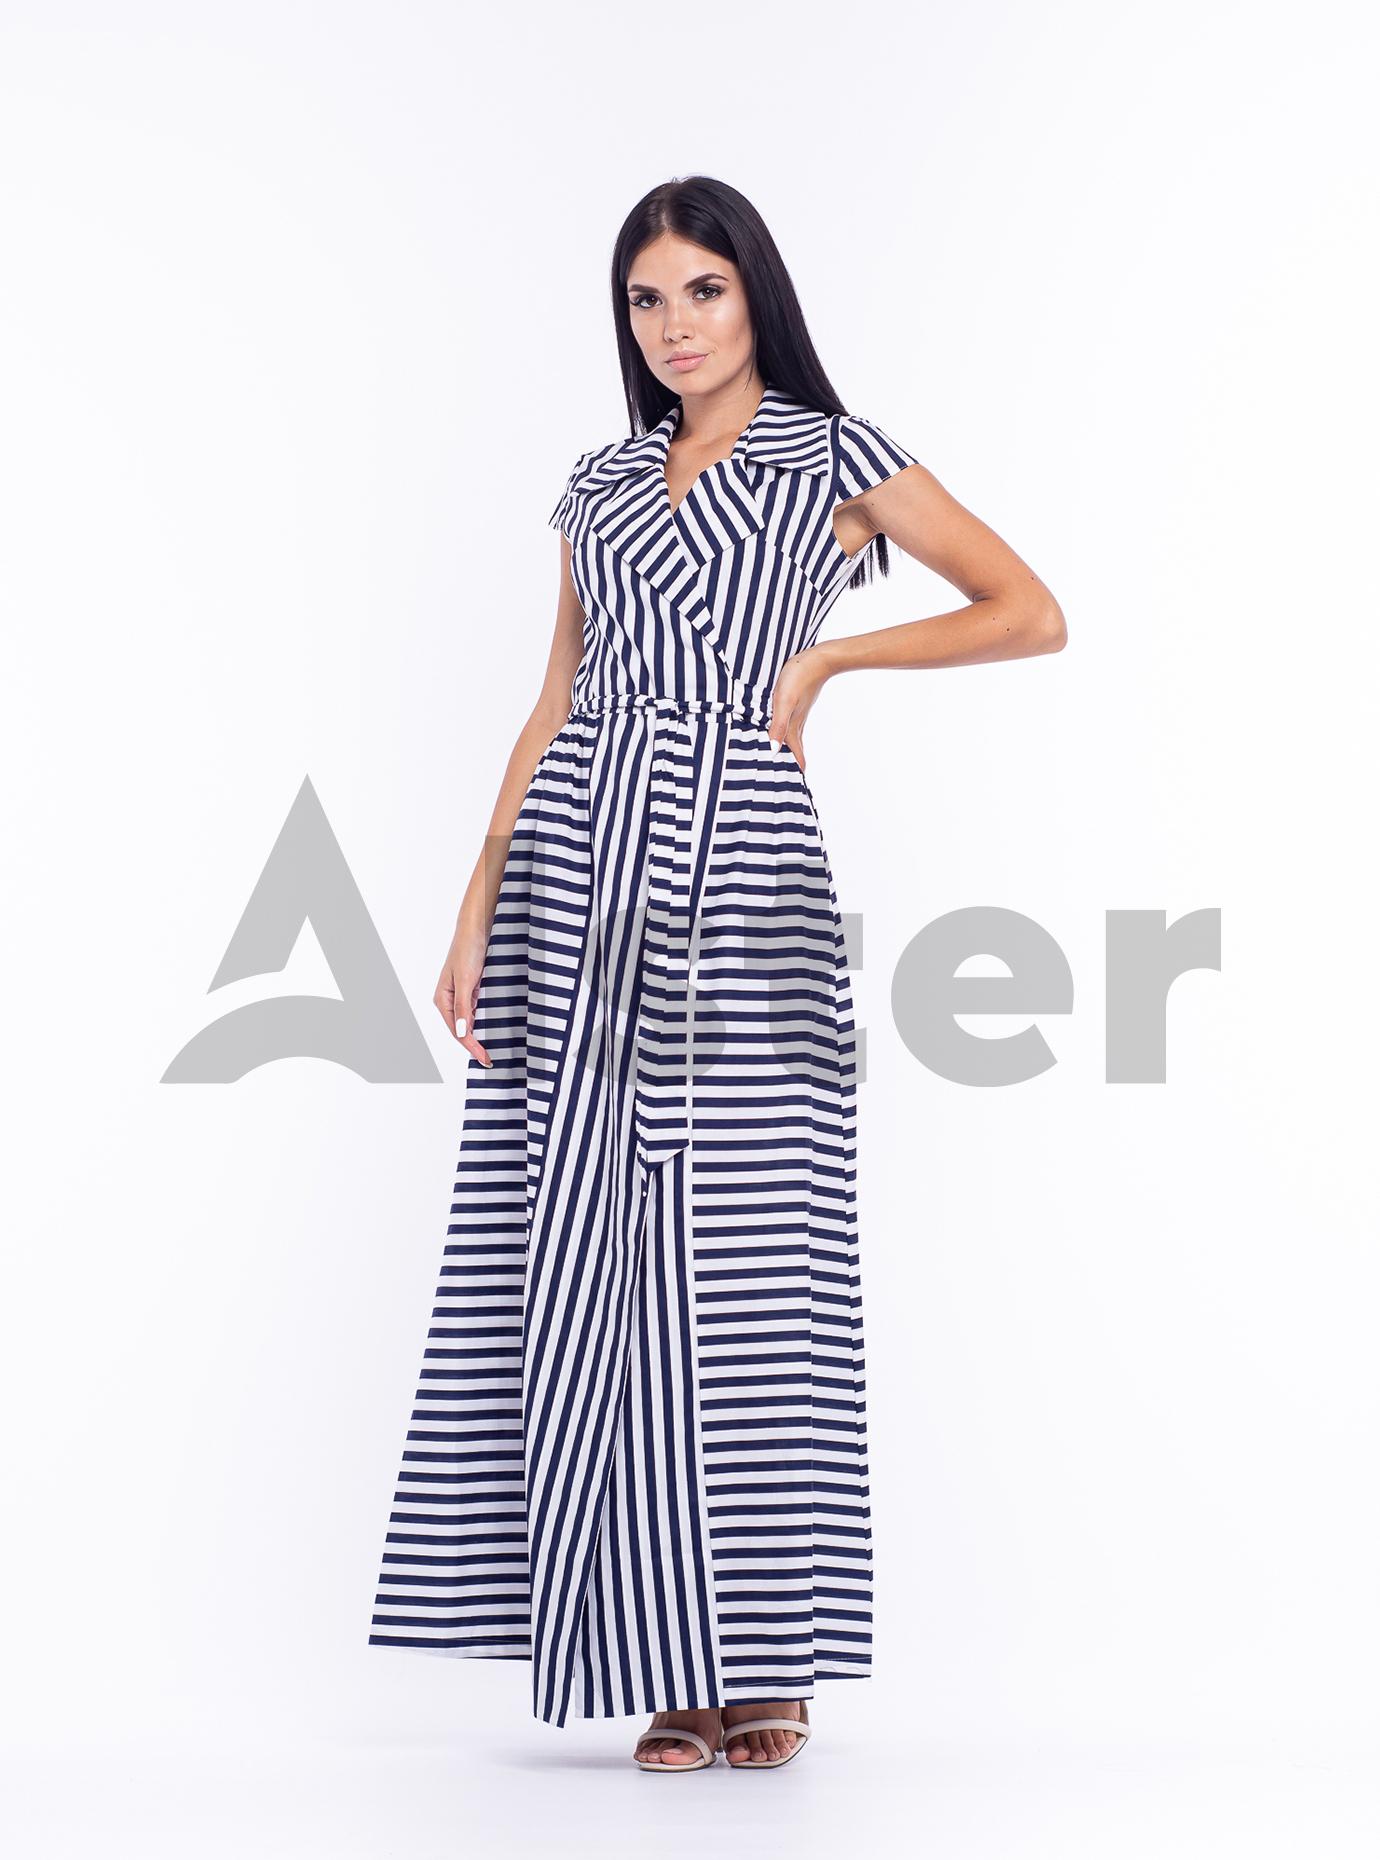 Платье длинное Синий 44 (04-8987988): фото - Alster.ua